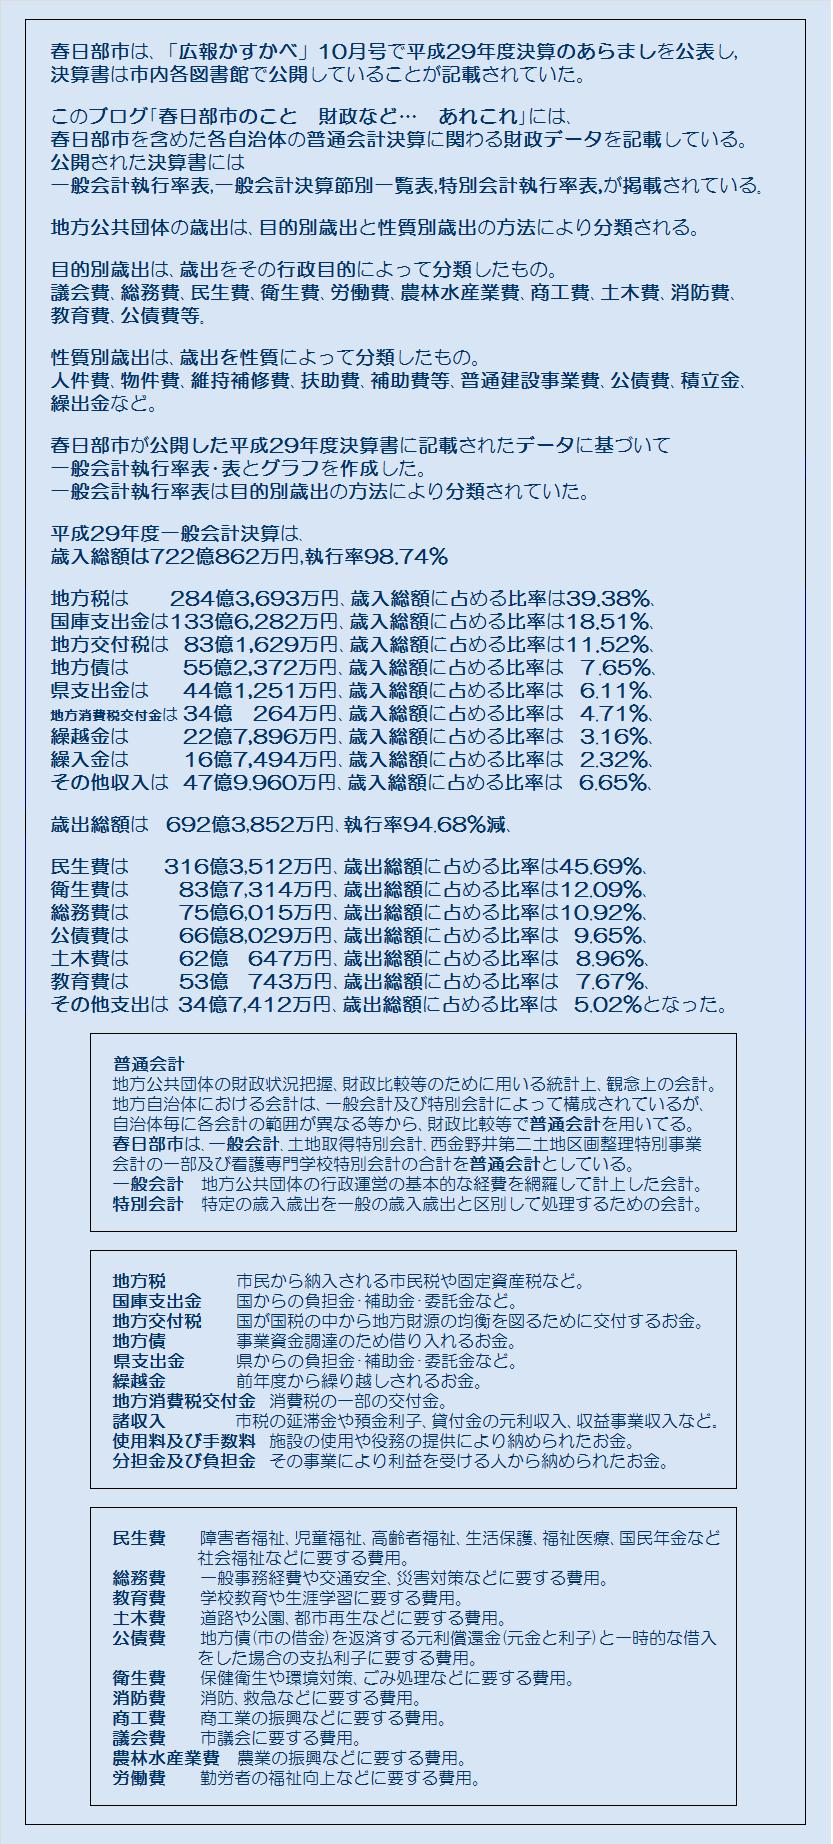 春日部市平成29年度一般会計執行率表・コメント